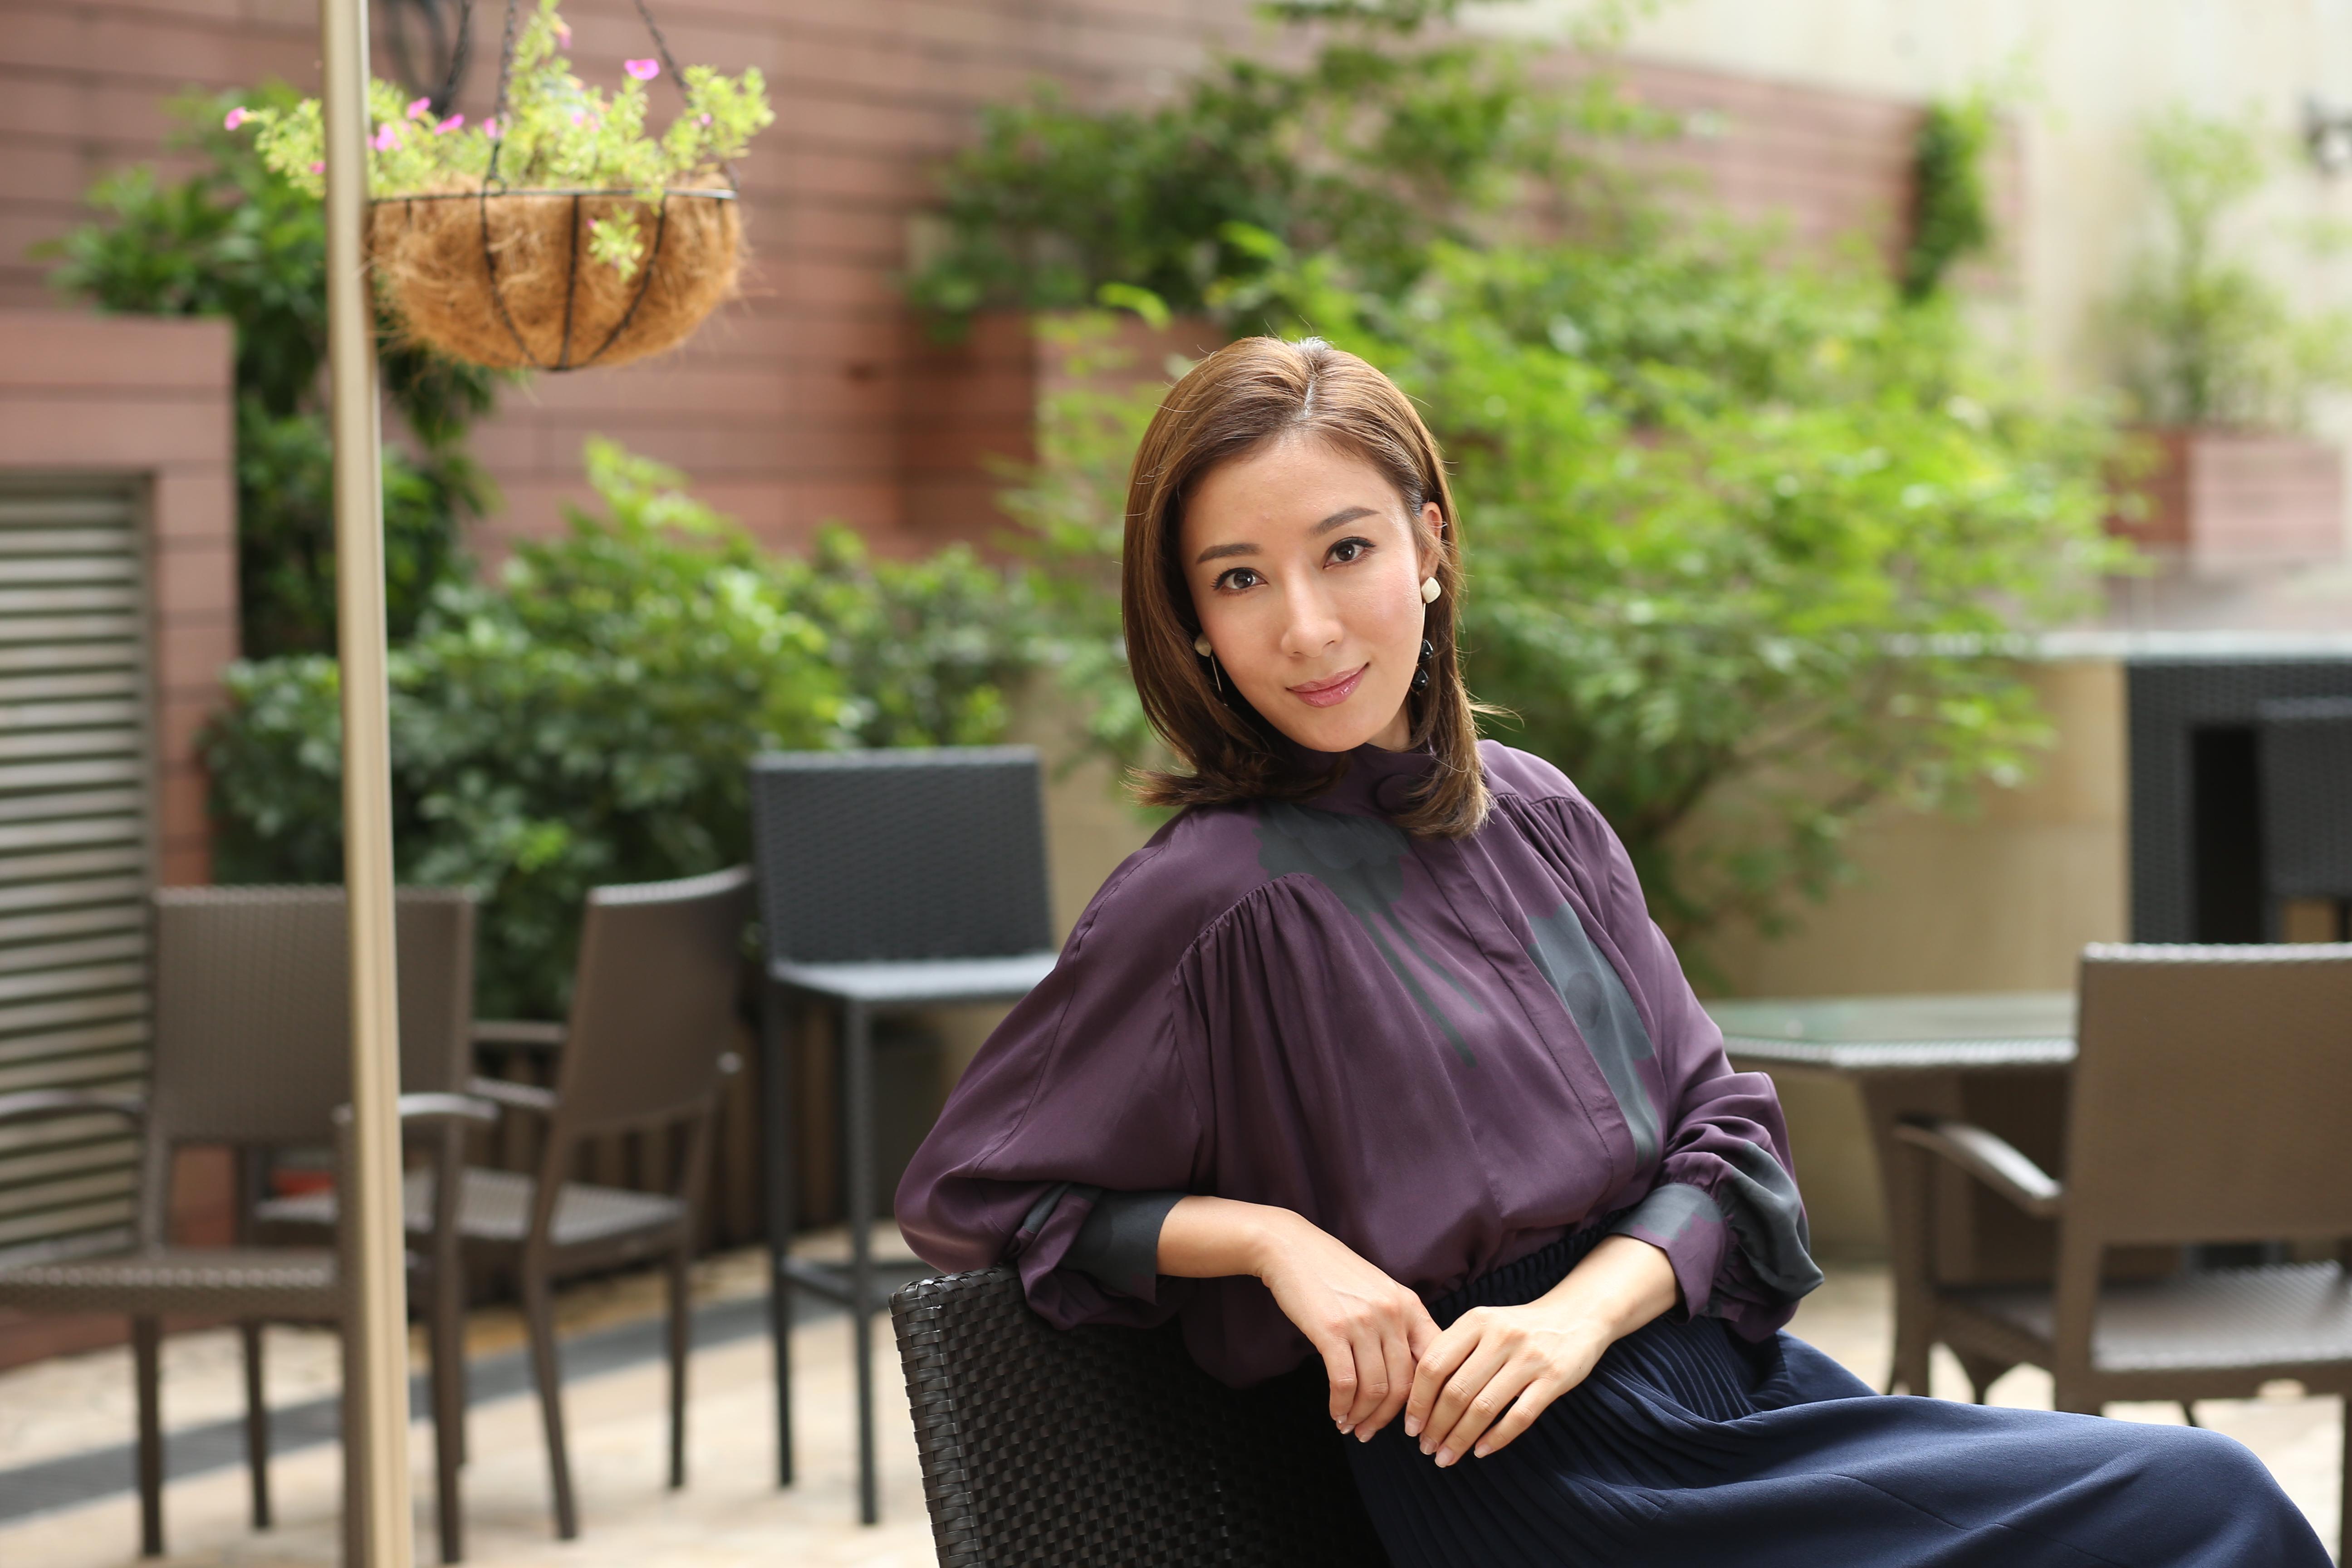 楊怡表示入行多年,已捱到身體有不少毛病及痛症,甚至脊椎都出現問題,需要好好調理身體。